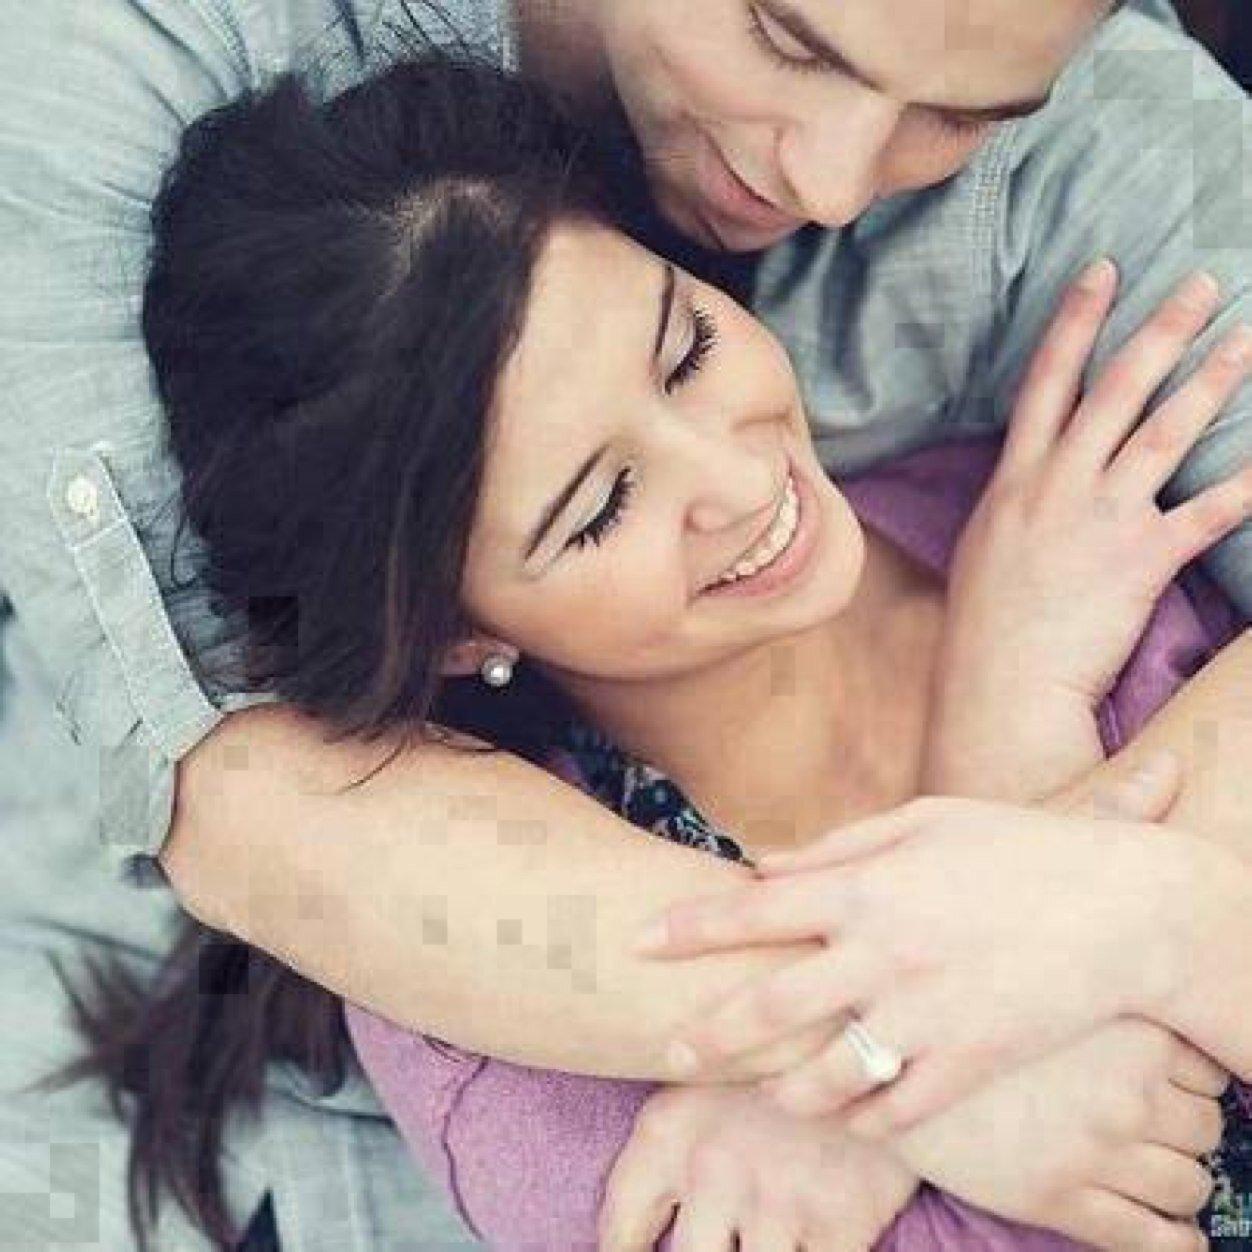 بالصور احضان ساخنة , صور رومانسيه جذابه وجميله